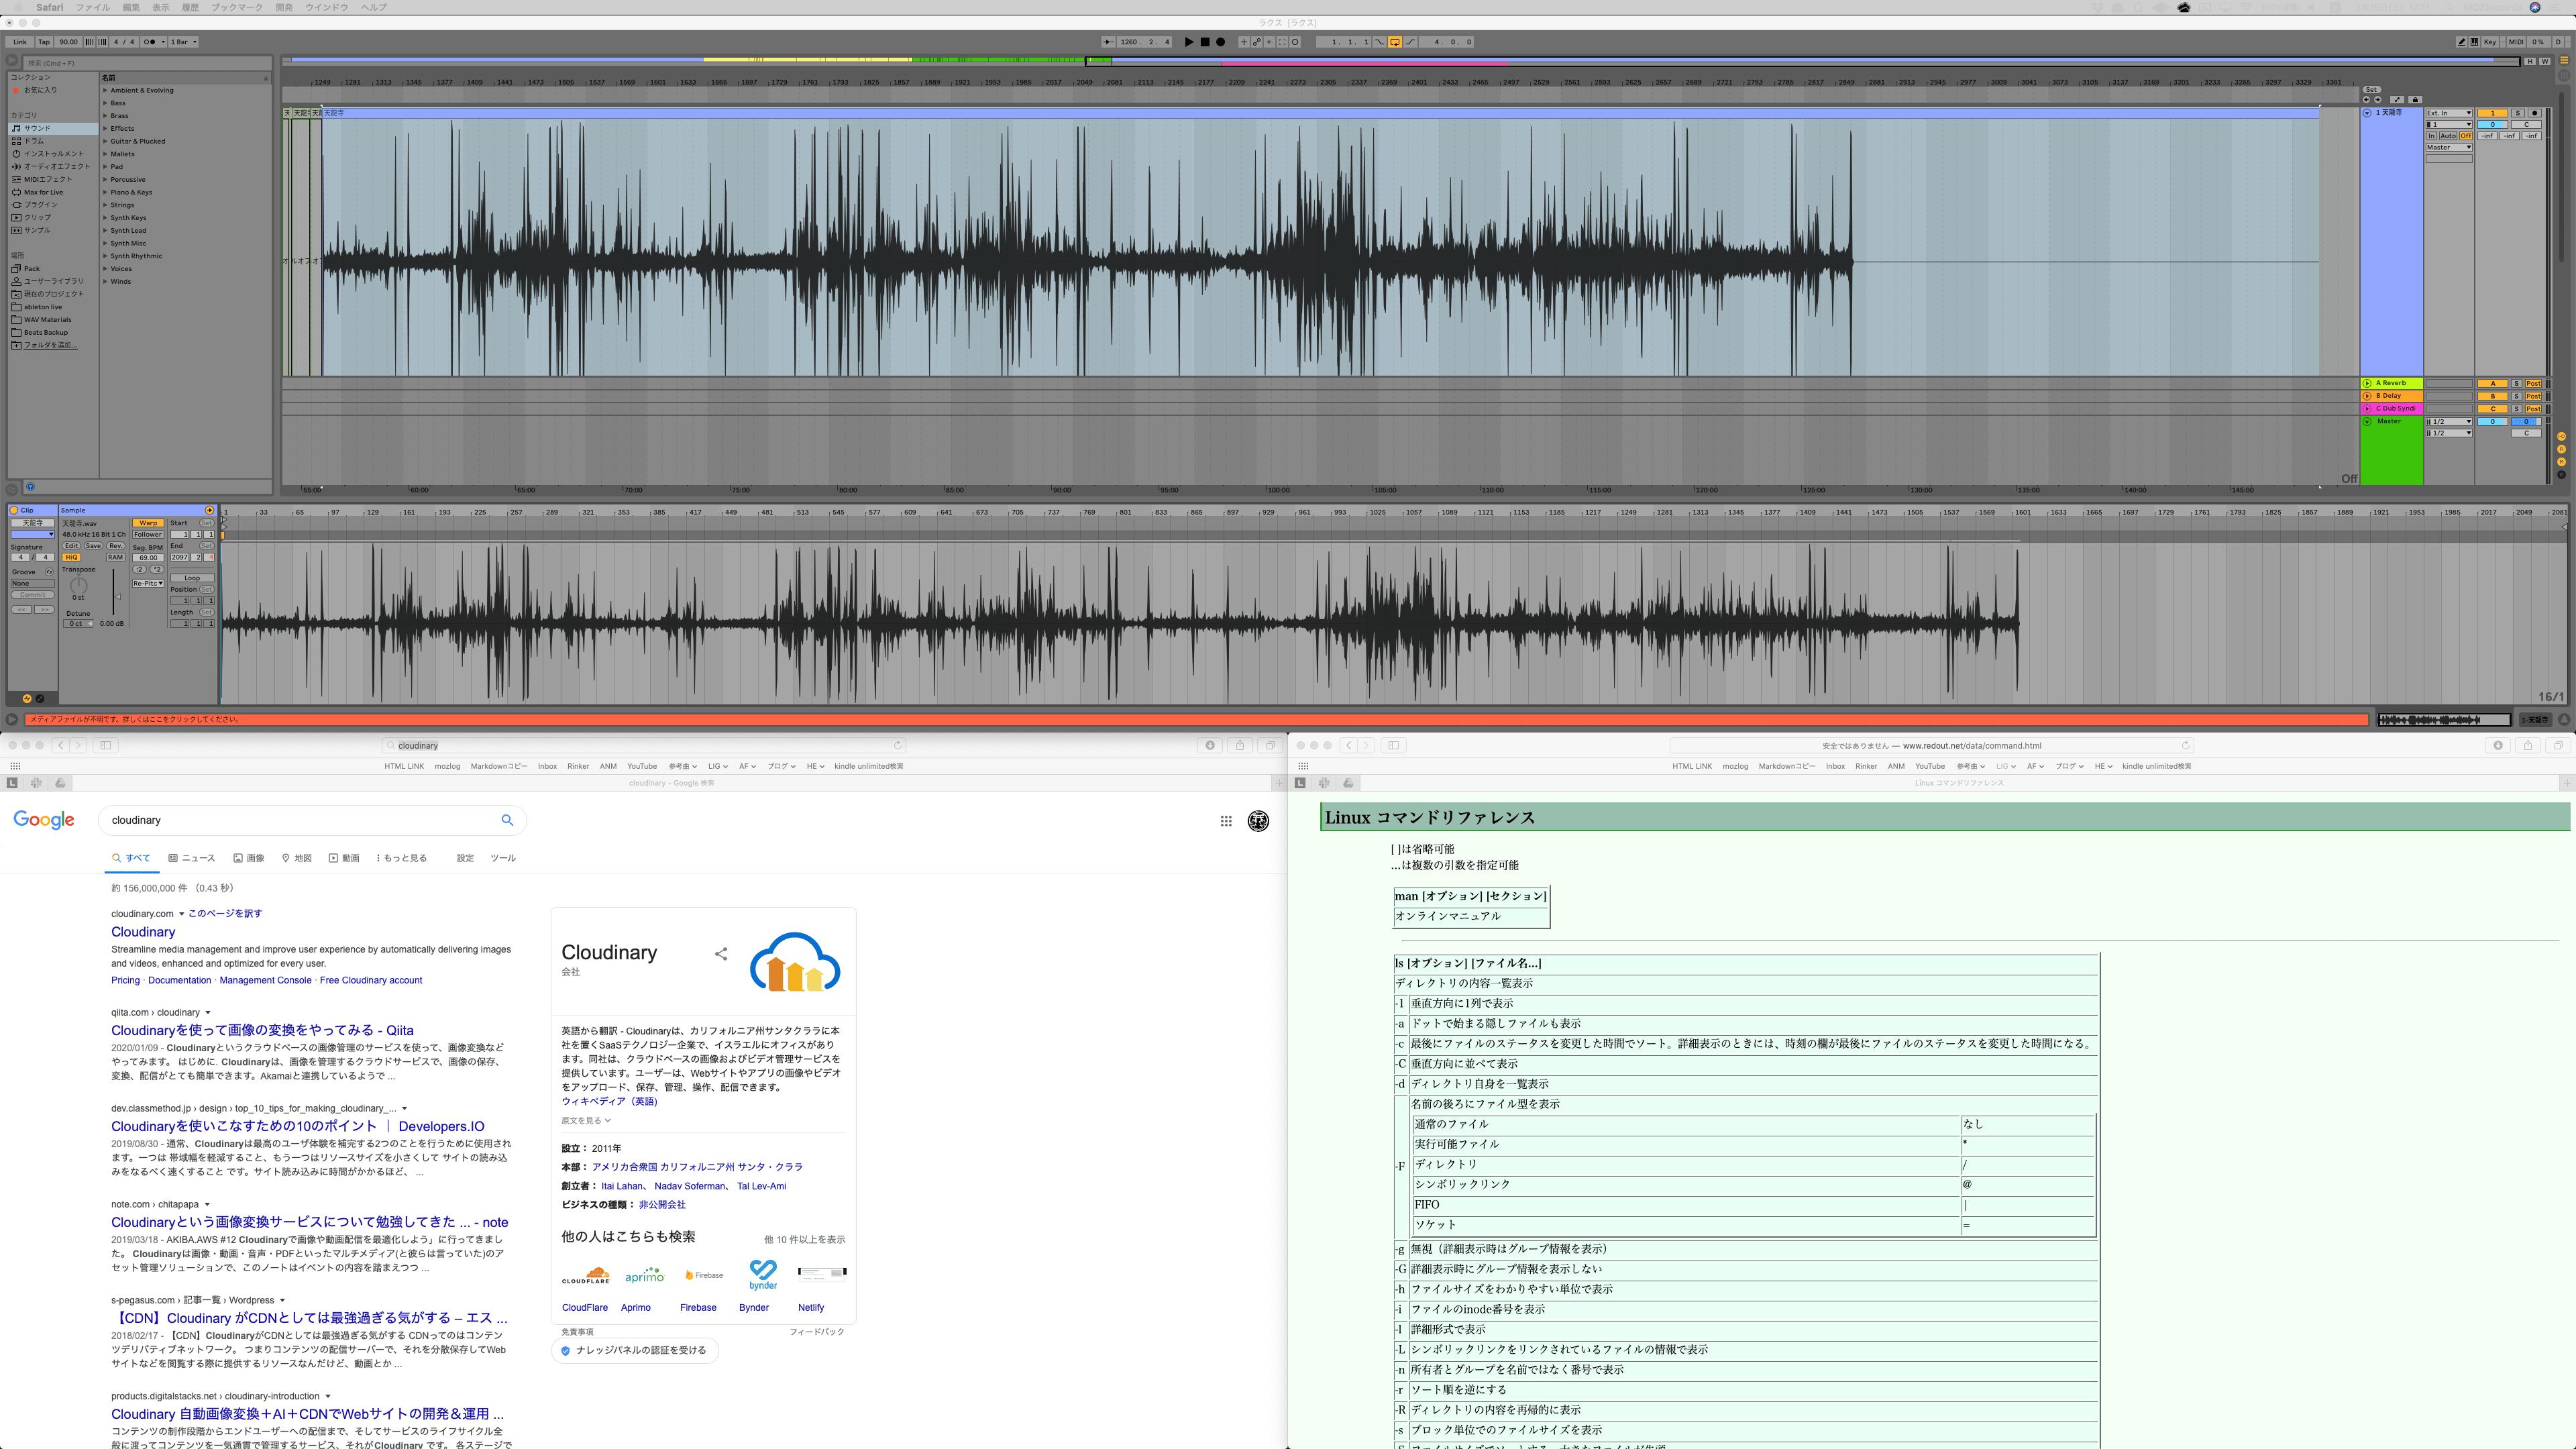 スクリーンショット 2020-02-15 17.11.44(2)-min